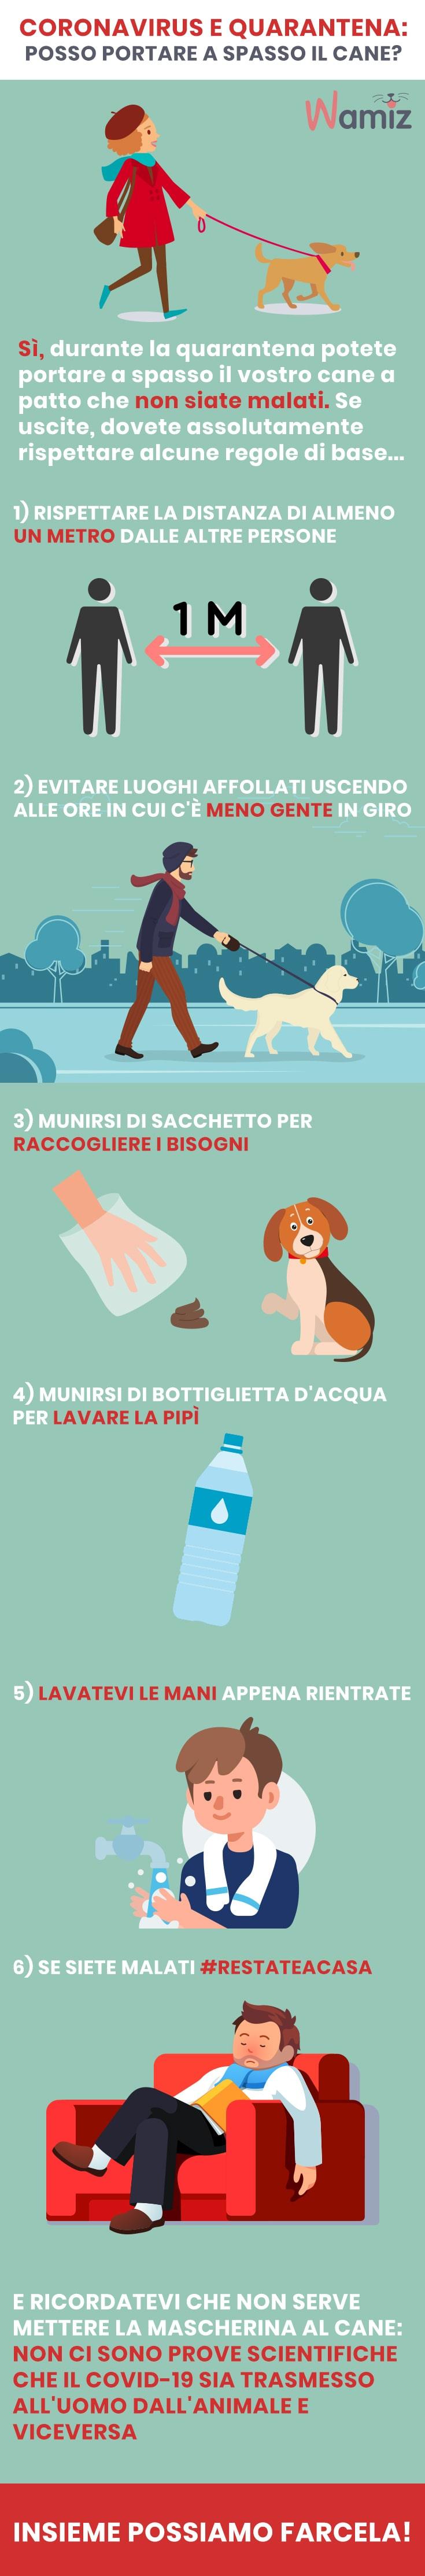 regole-per-uscire-col-cane